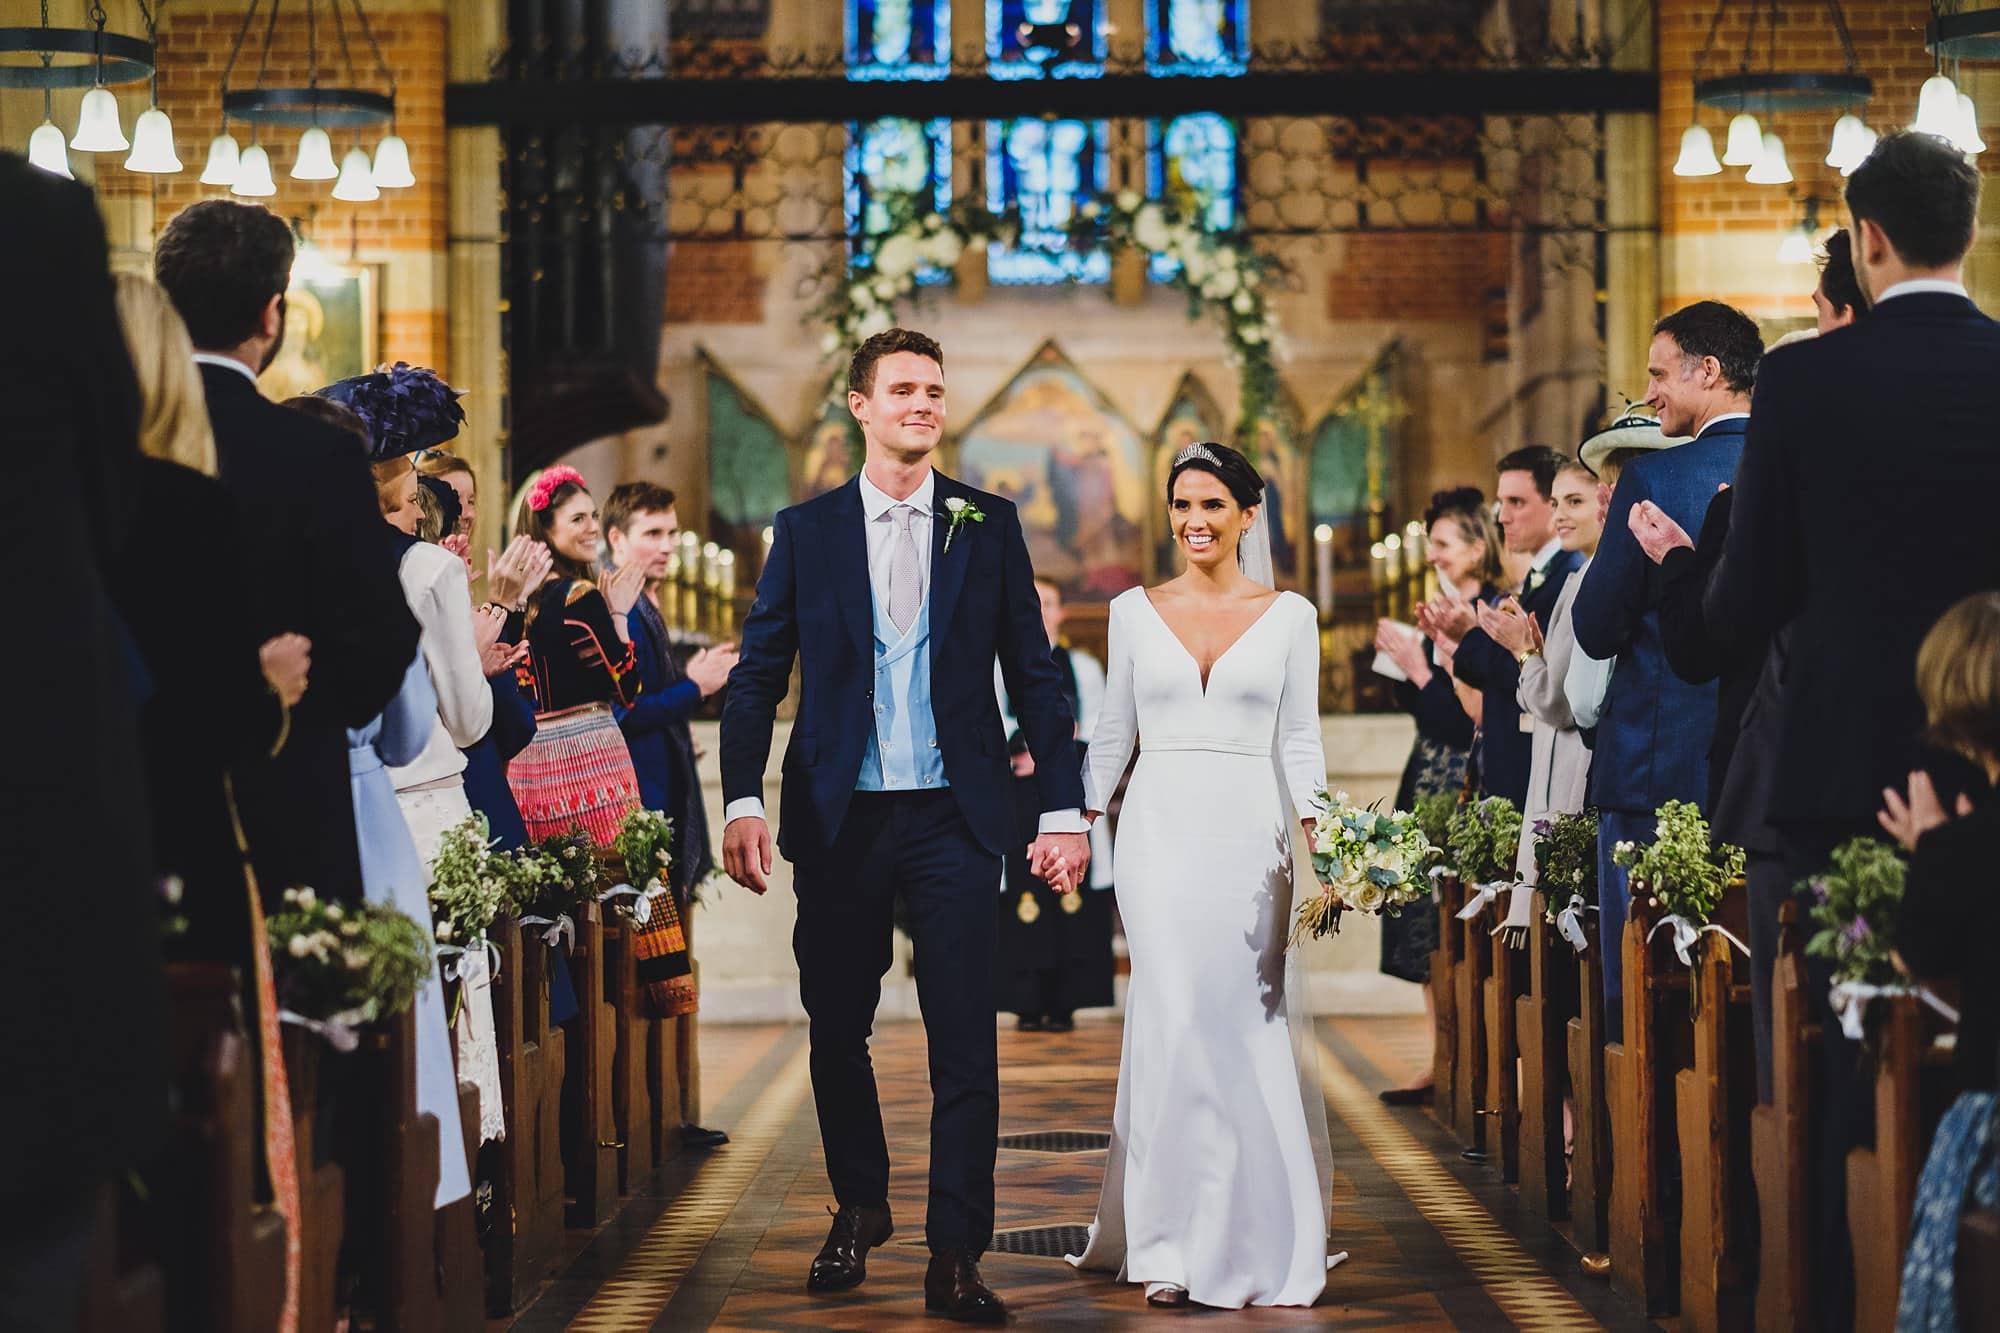 fulham palace wedding photographer ok 048 - Olivia + Kyle